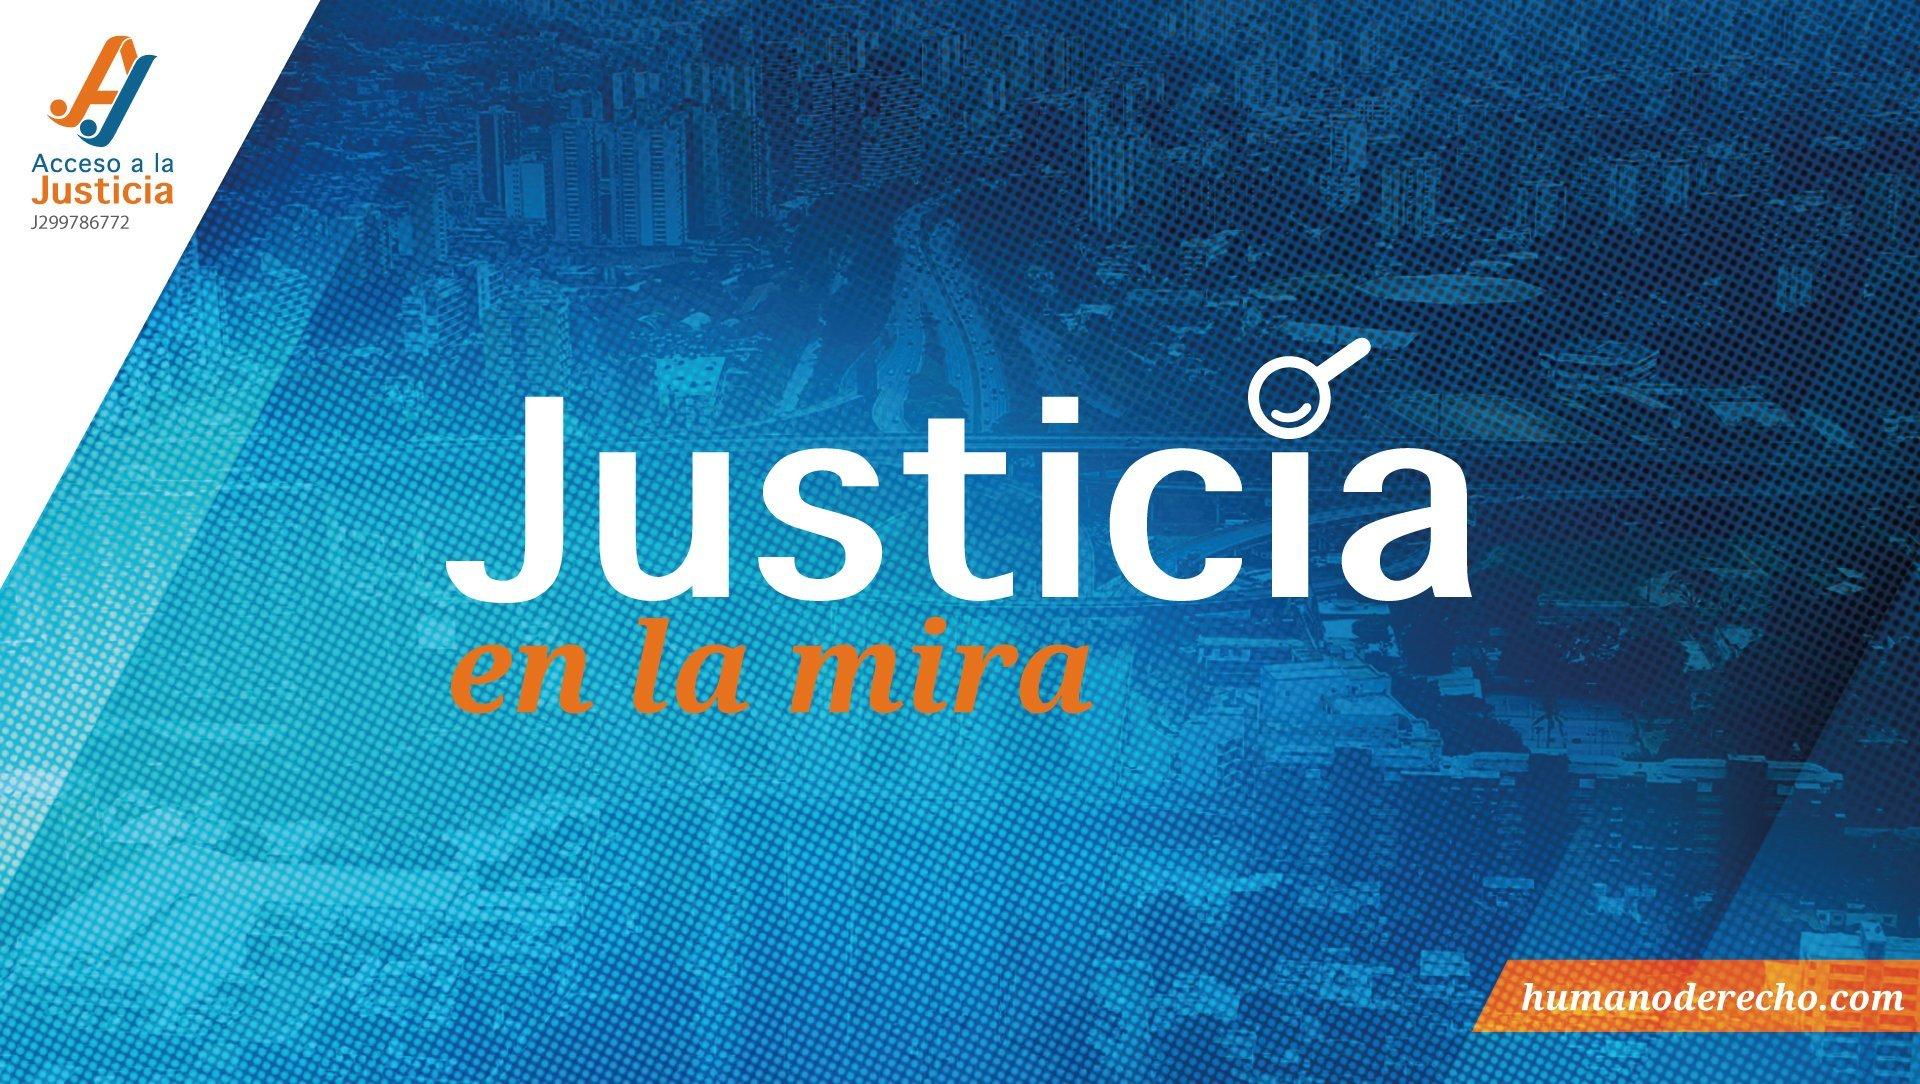 Justicia en la Mira, el programa de Acceso a la Justicia en Humano Derecho Radio (22° programa)